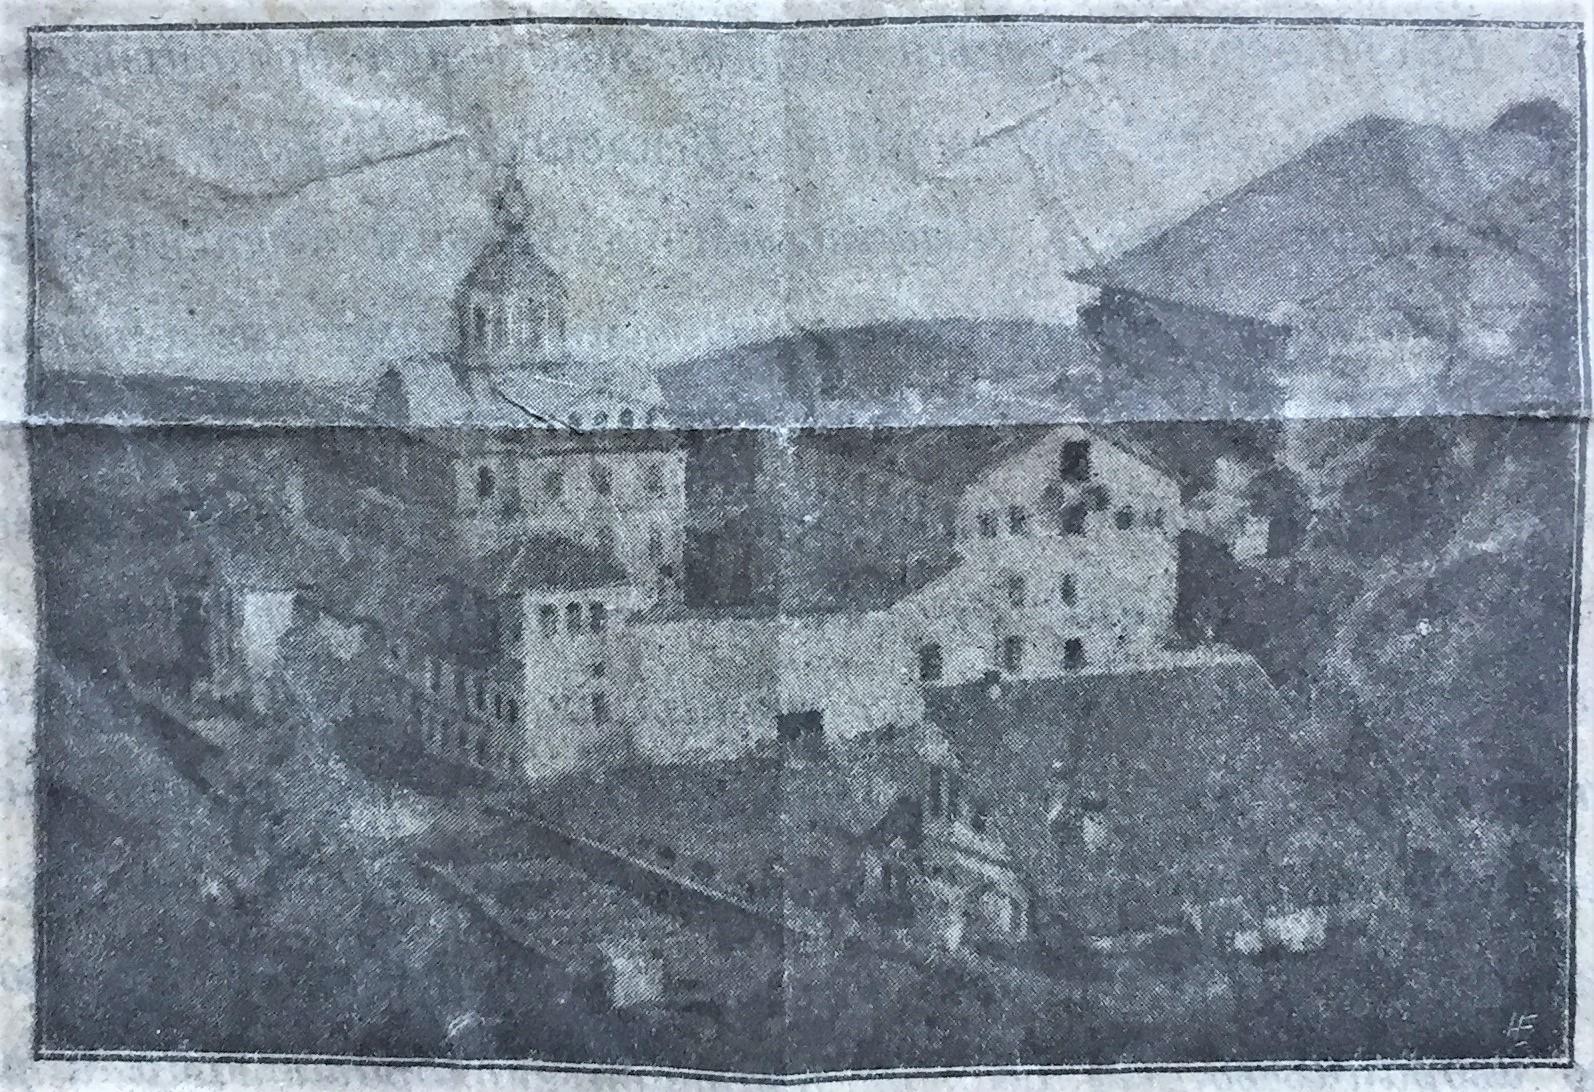 image1 (3)